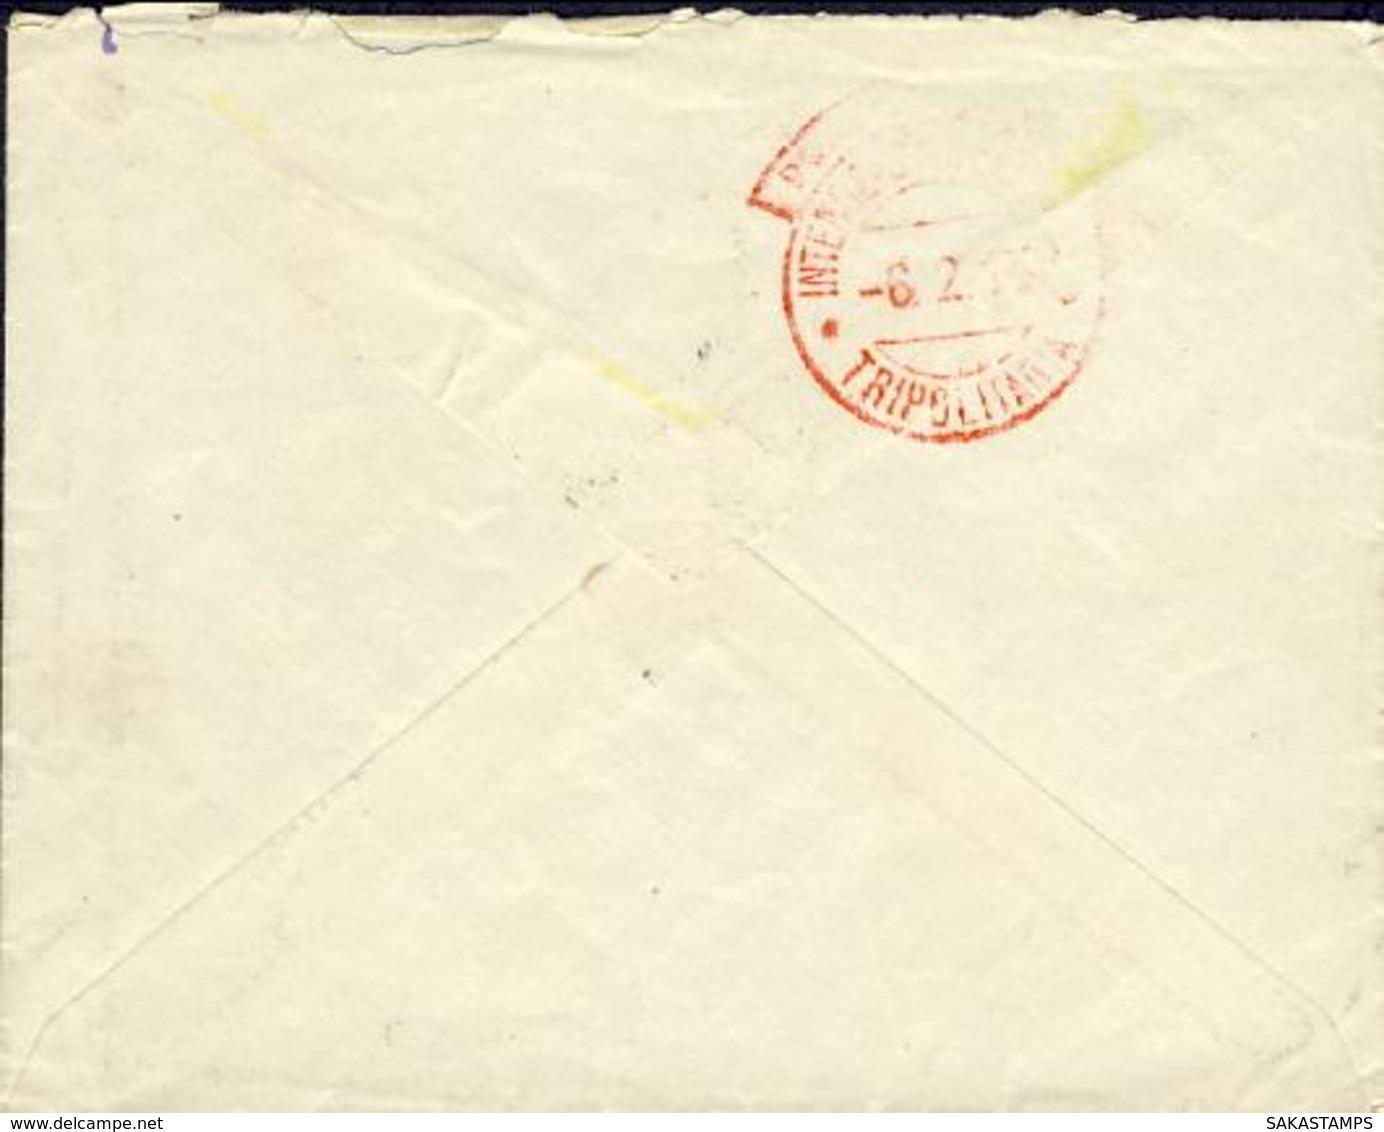 1913-Tripolitania Busta Affr. 5c. Leoni Soprastampato Libia Annullo Di Homs Tripolitania Con Al Verso Timbro Rosso Di Po - Tripolitania